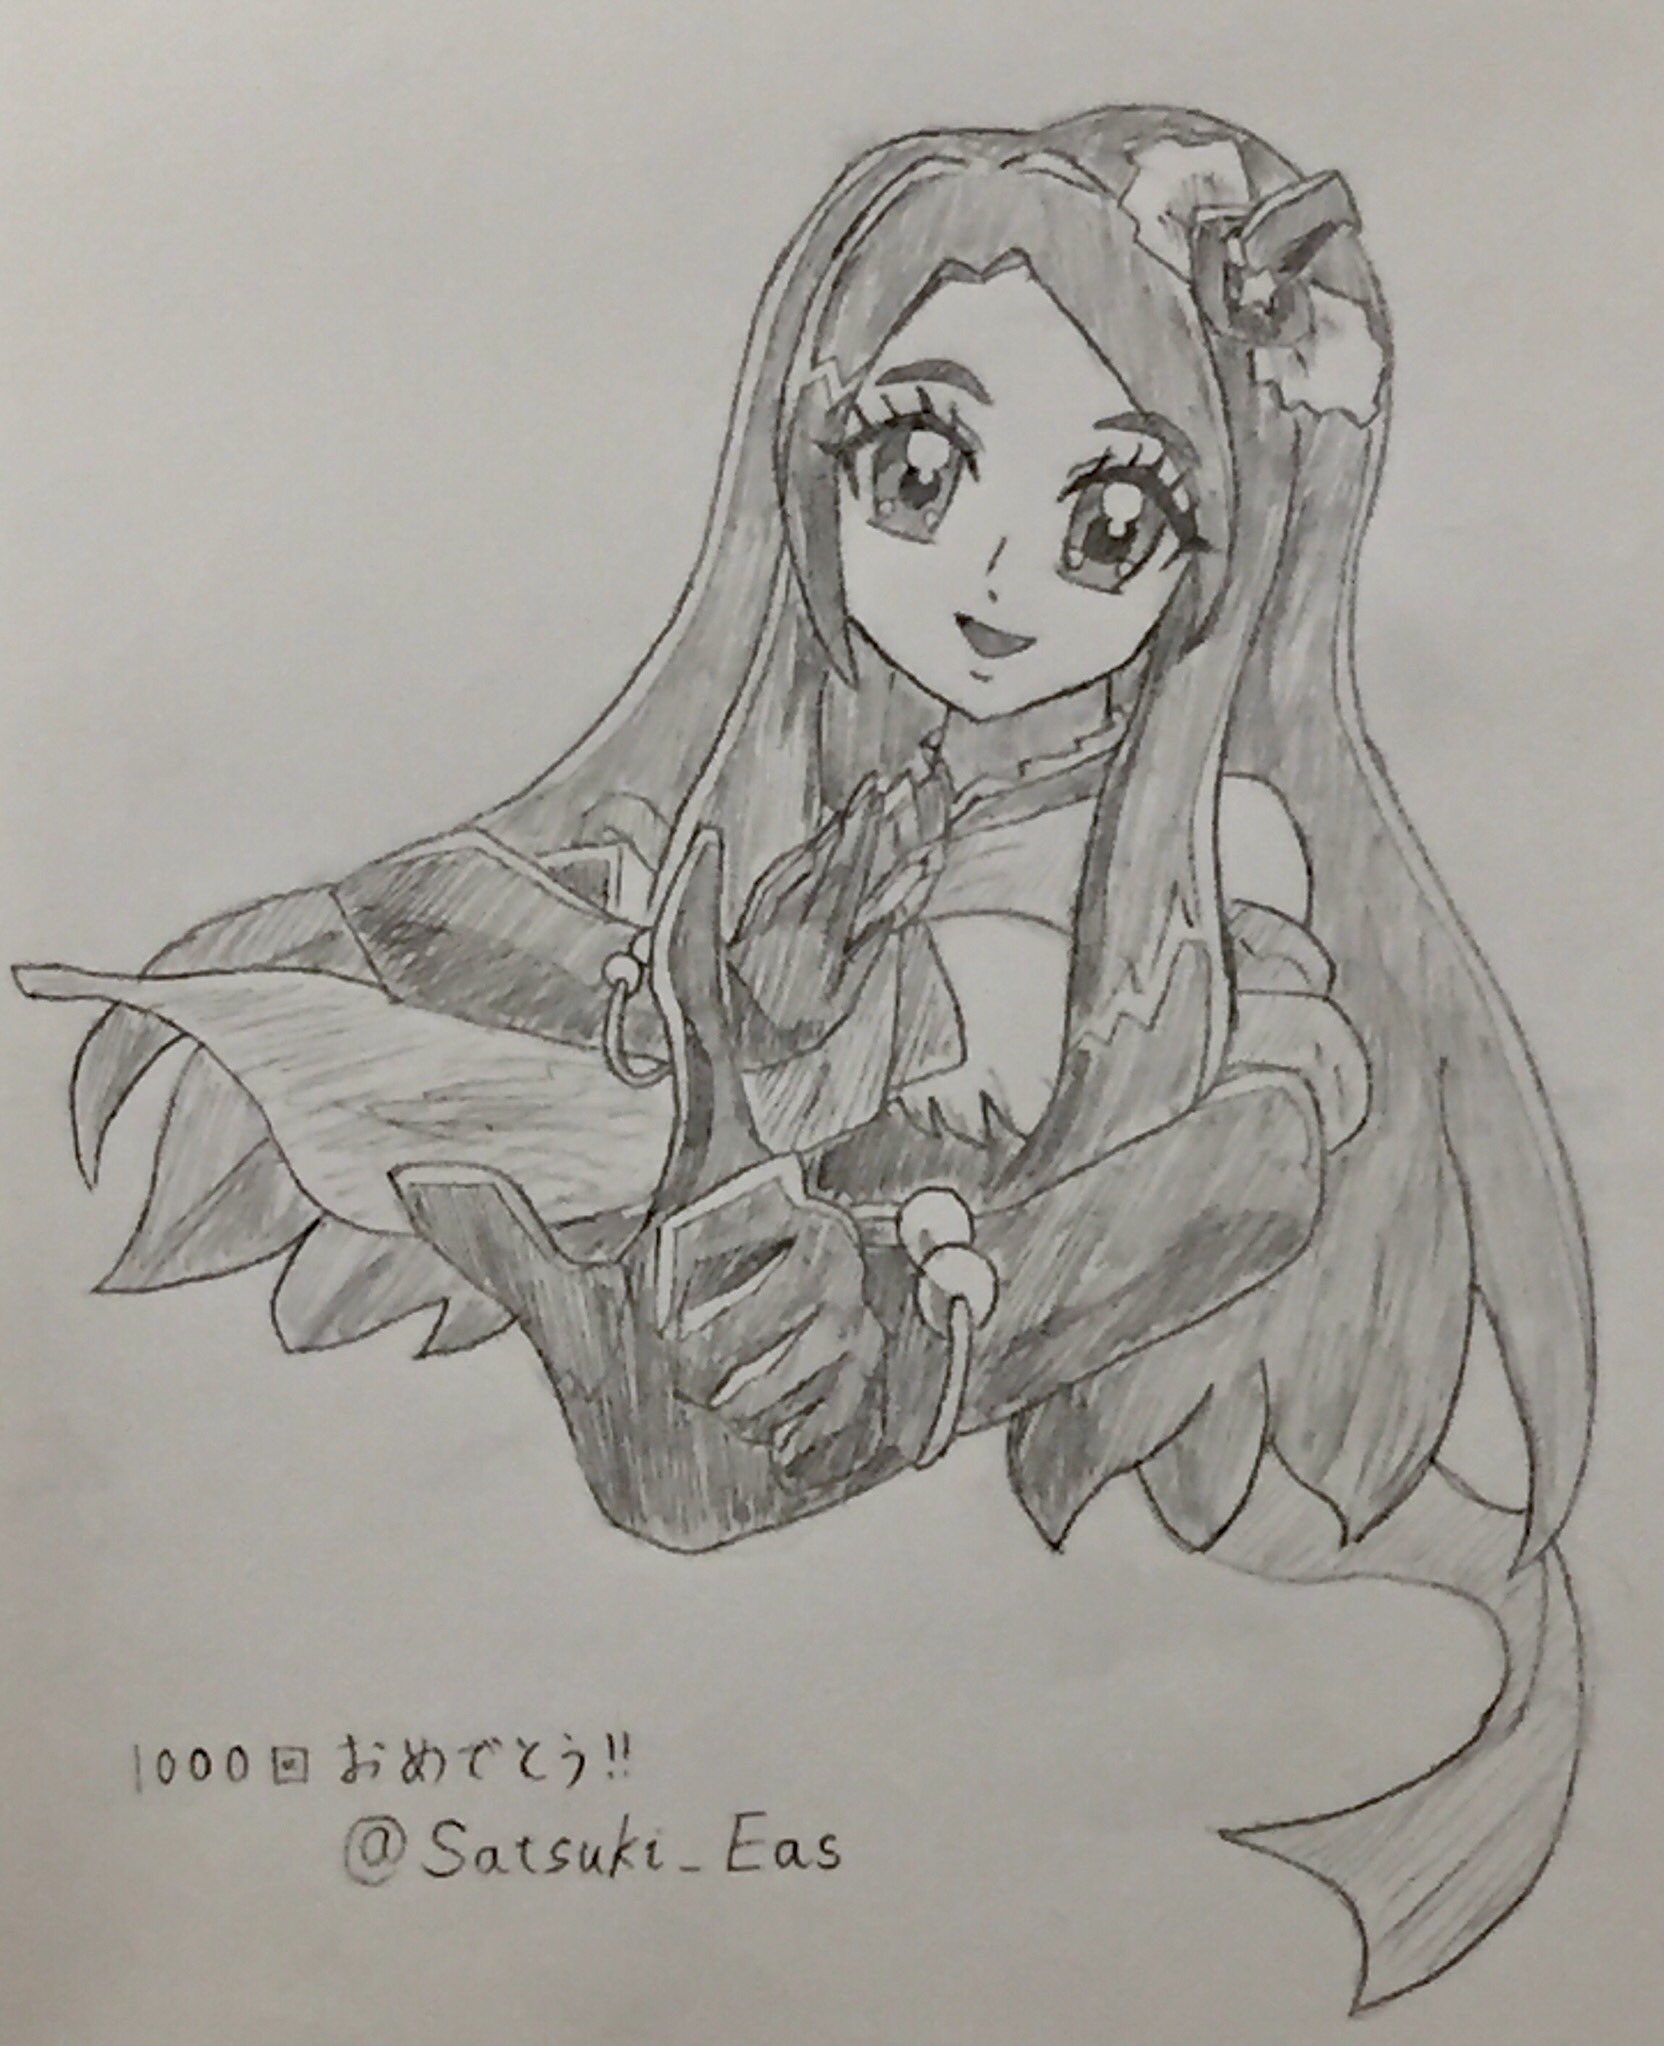 東山さつき (@Satsuki_Eas)さんのイラスト